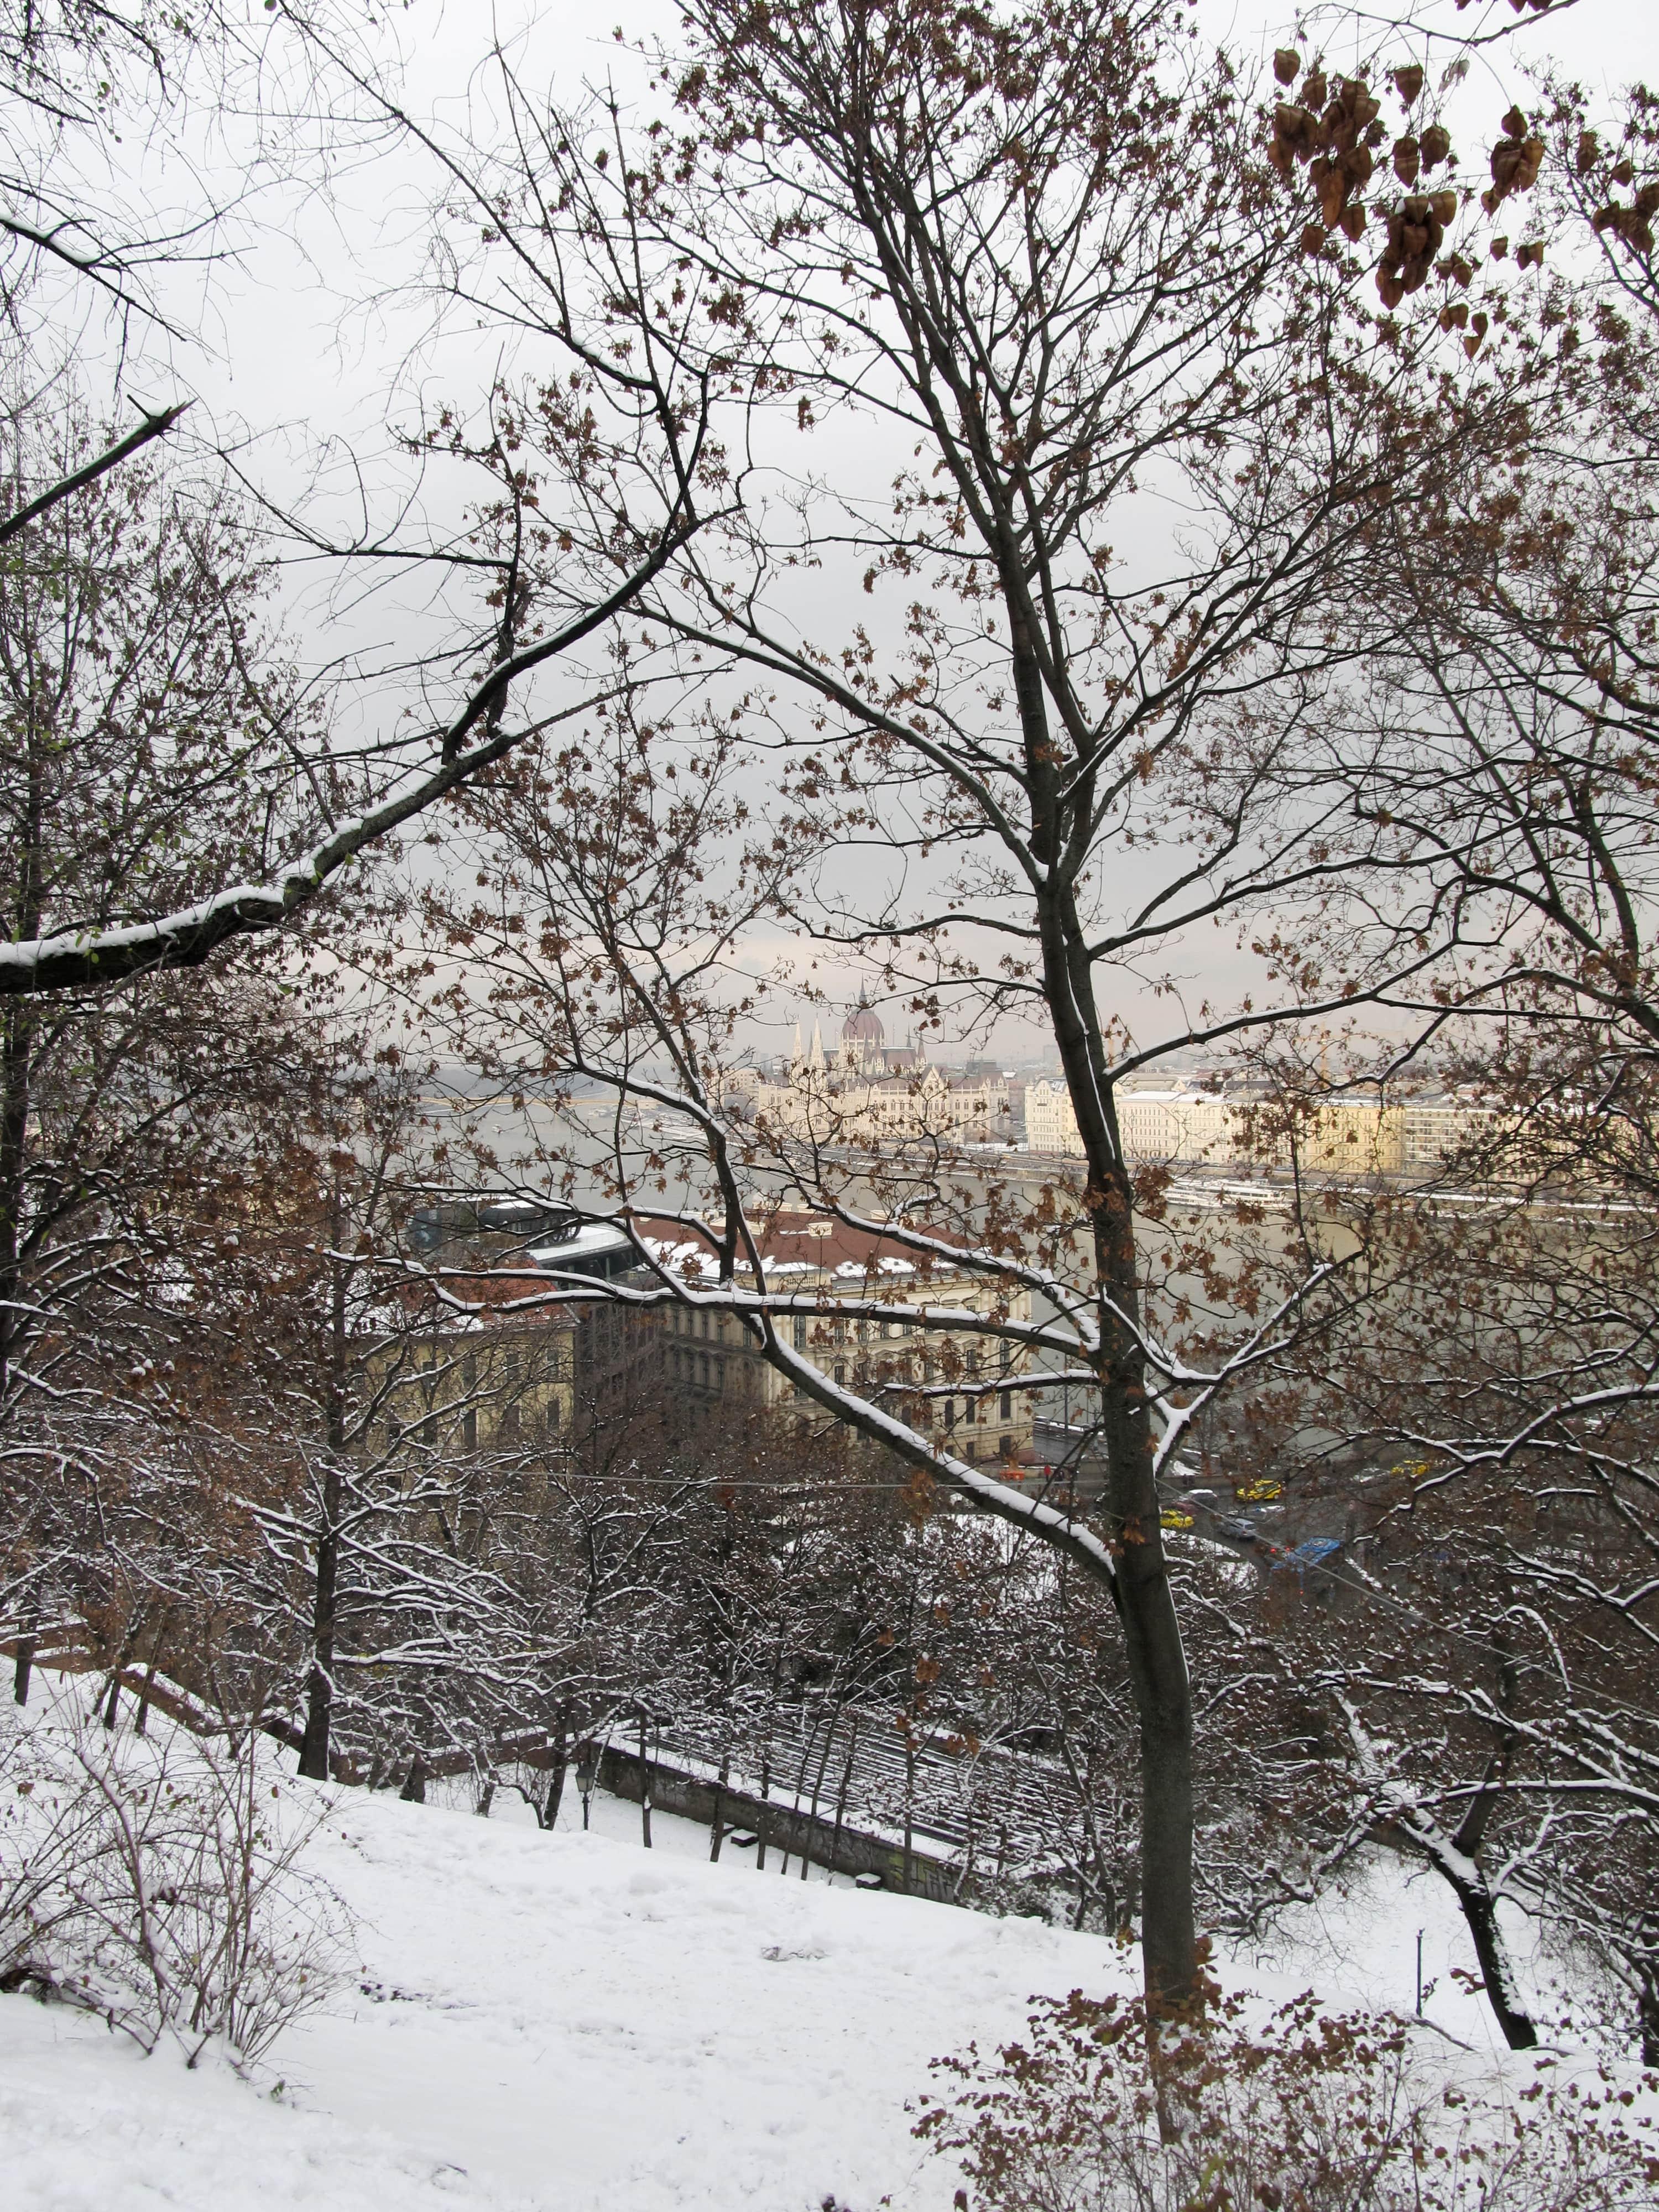 Découvrez Budapest sous la neige grâce à ces clichés pris depuis le début de l'hiver.